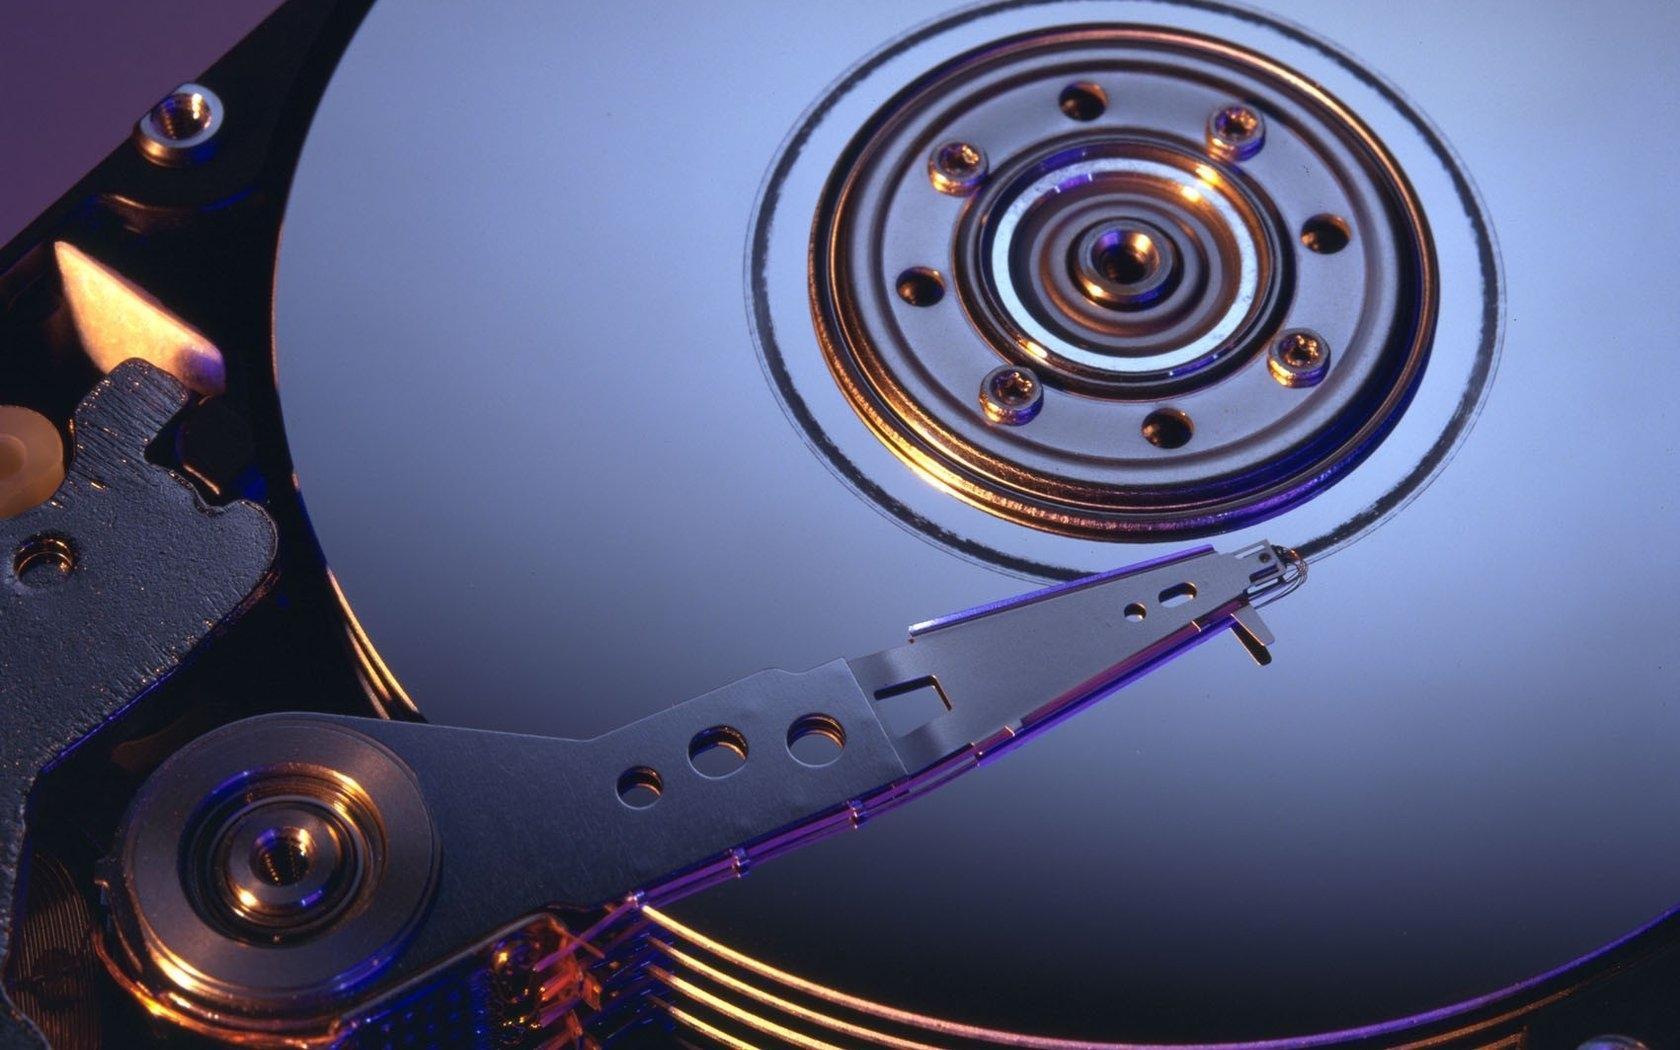 Съёмный жесткий диск не открывается